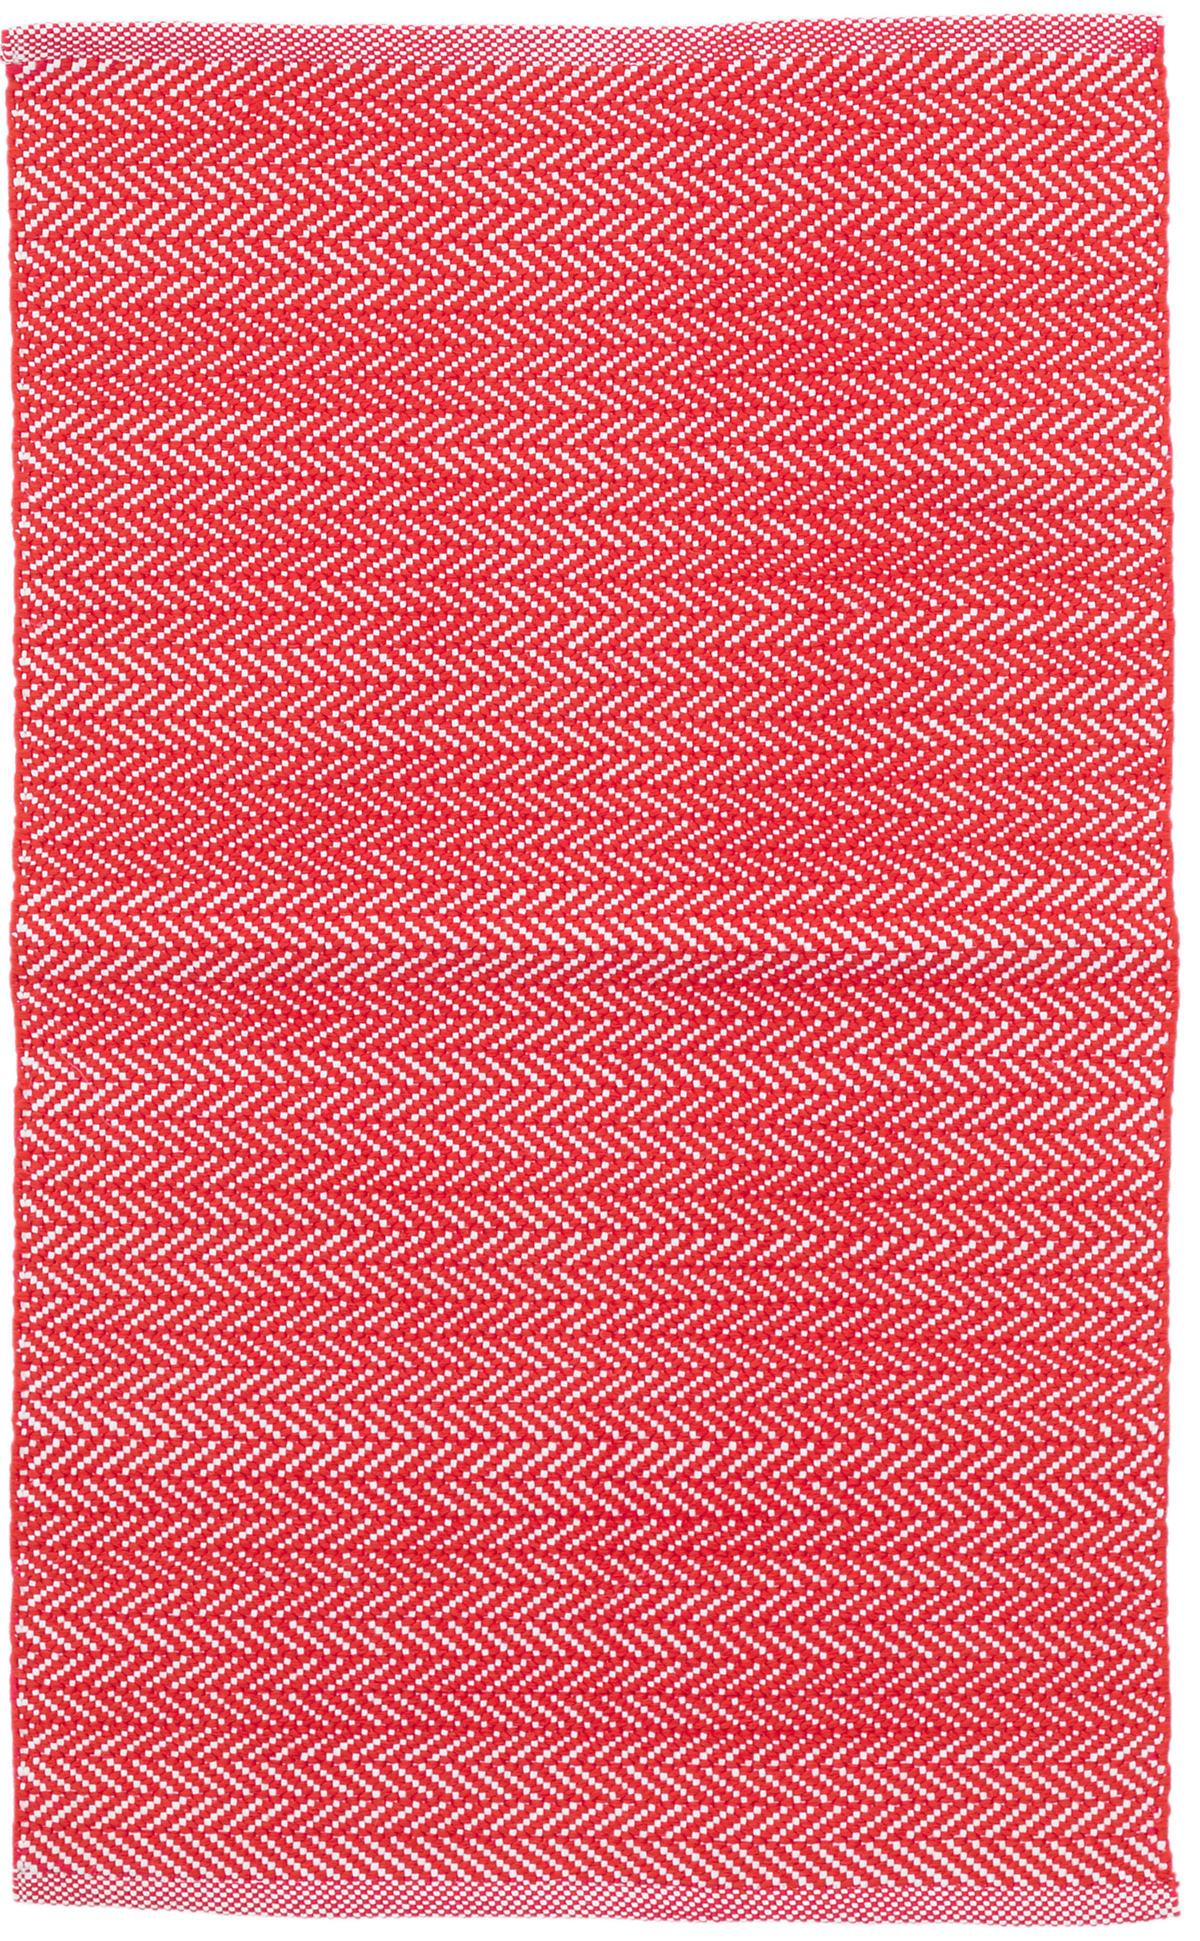 C3 Herringbone Red Indoor/Outdoor Rug